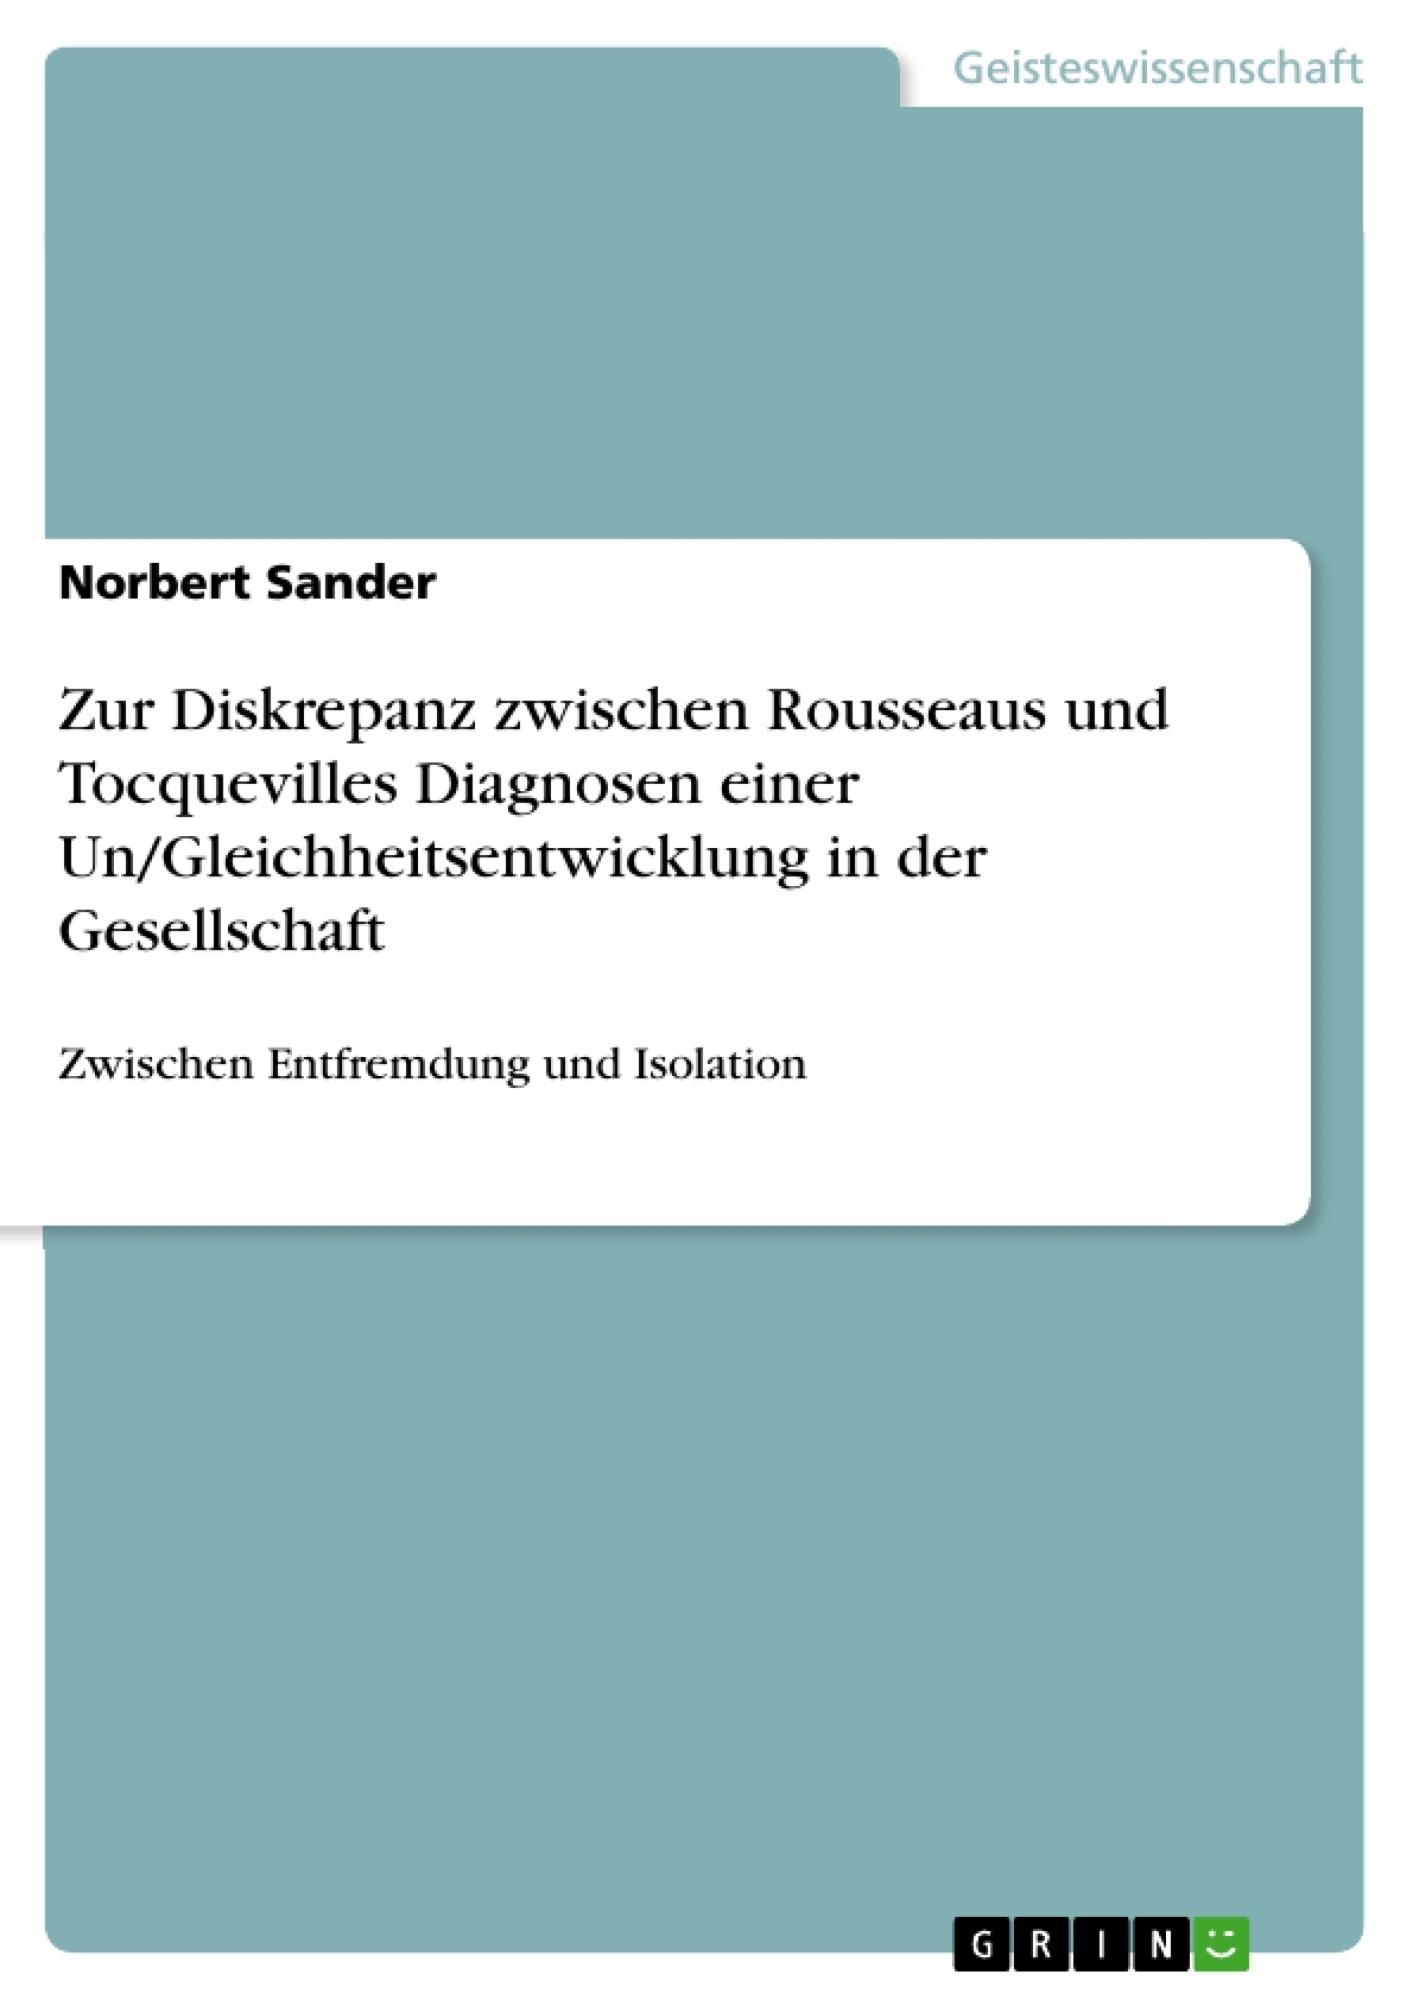 Titel: Zur Diskrepanz zwischen Rousseaus und Tocquevilles Diagnosen einer Un/Gleichheitsentwicklung in der Gesellschaft